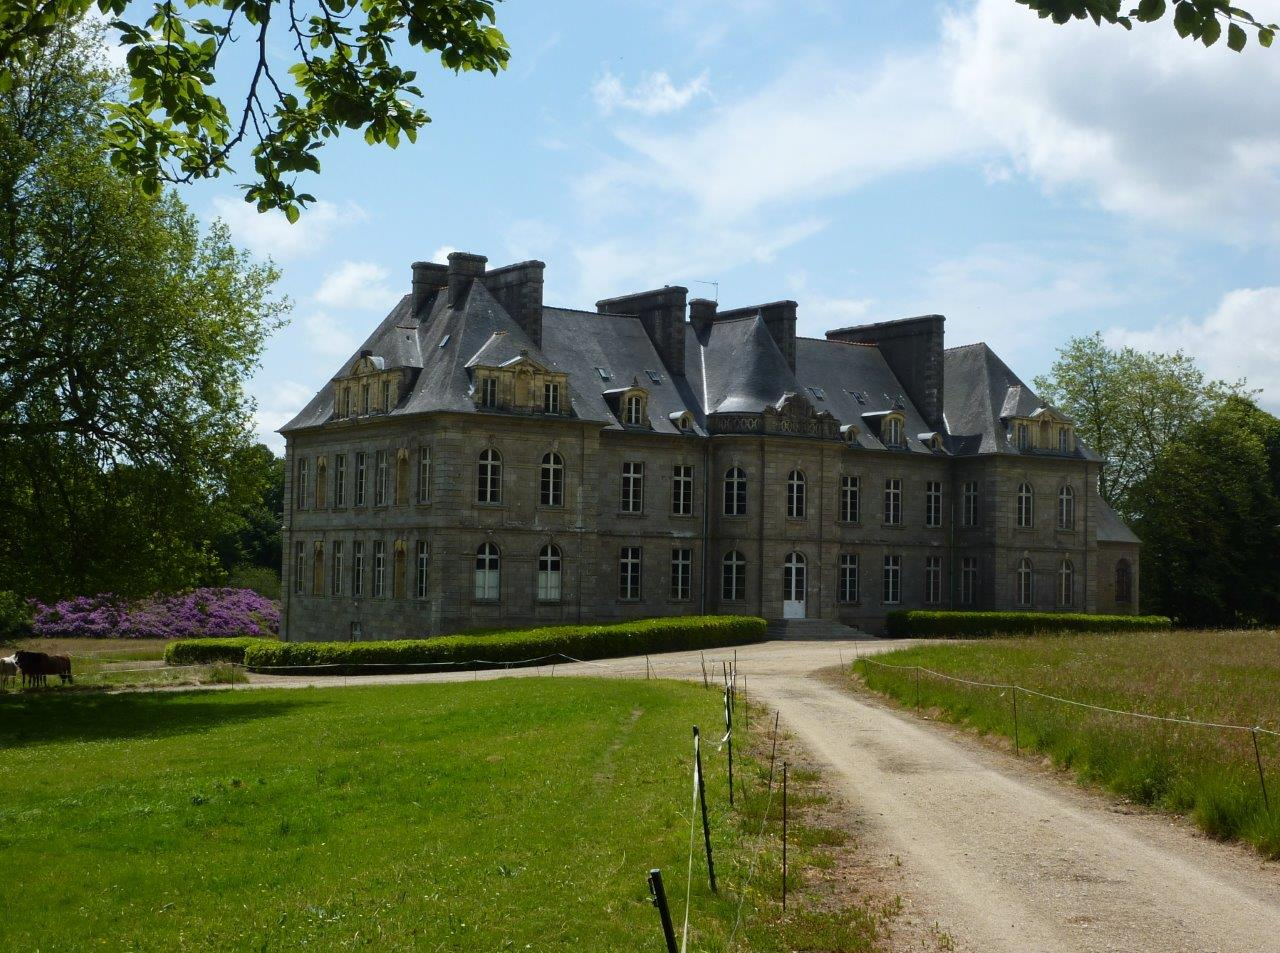 단독 가정 주택 용 매매 에 Chateau ISMH Place du Chateau ISMH Other Brittany, 브리타니 22000 프랑스